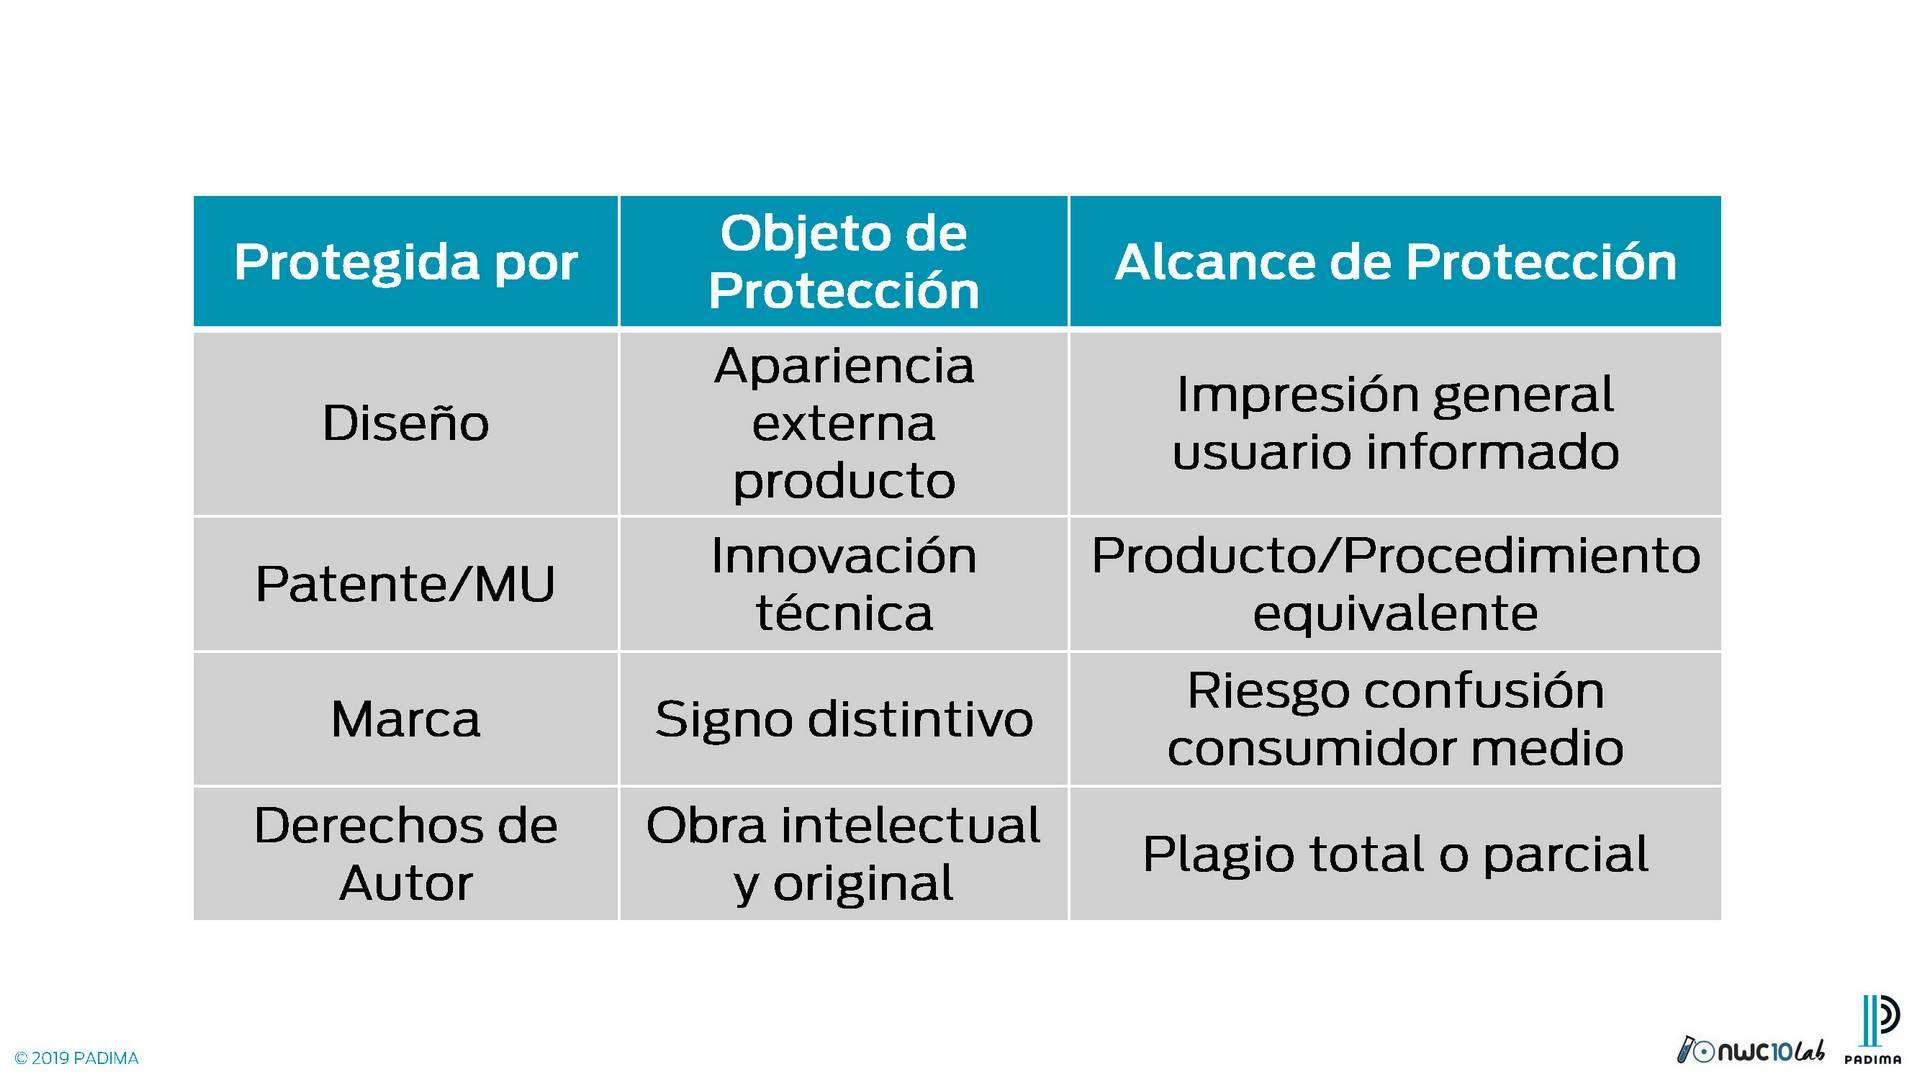 Diferencias entre Diseños, Patentes, Marca y Derechos de Autor.